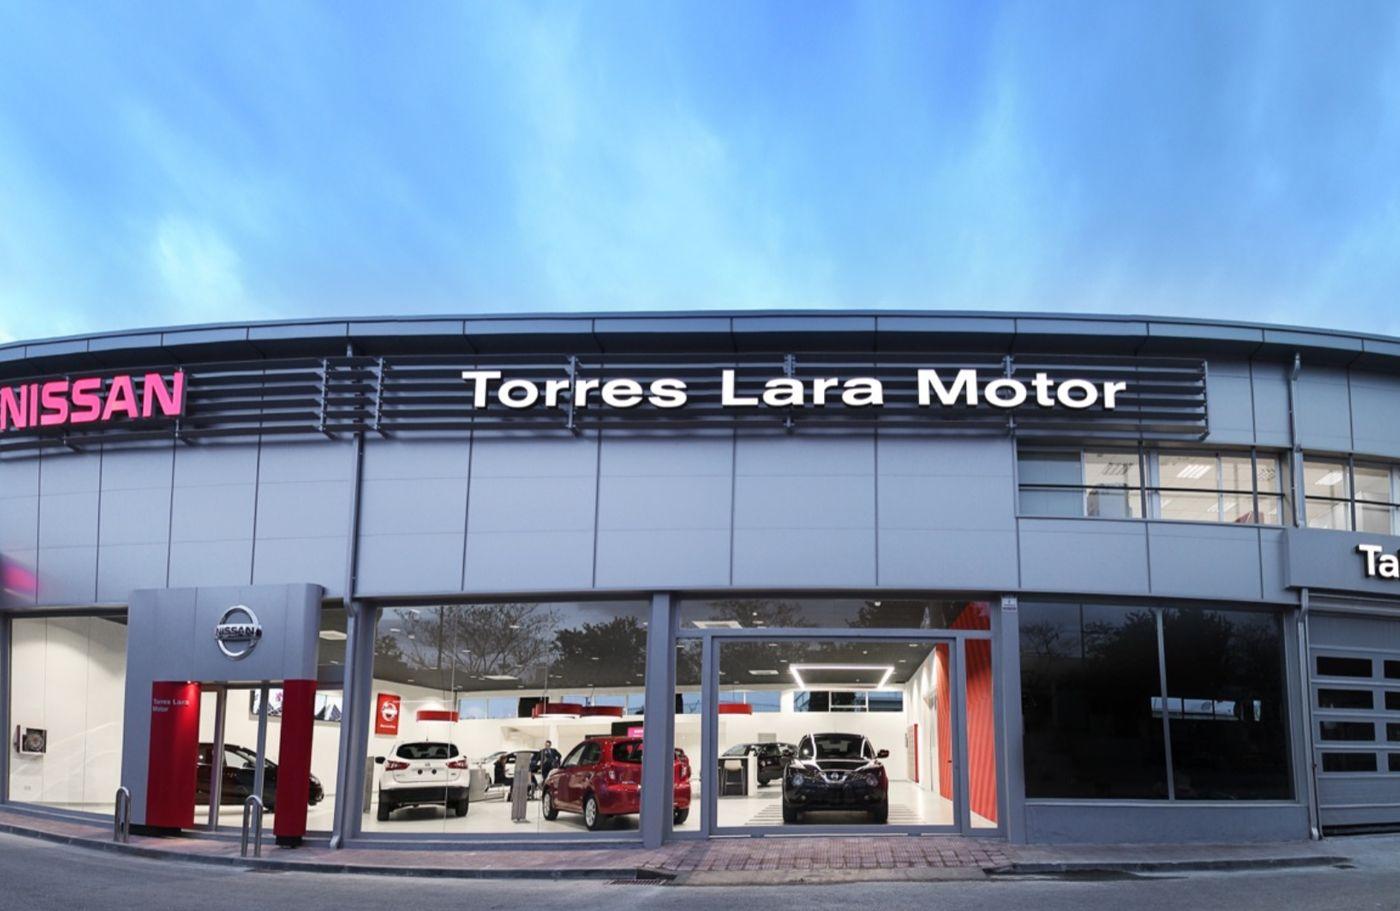 TORRES LARA MOTOR NISSAN 5